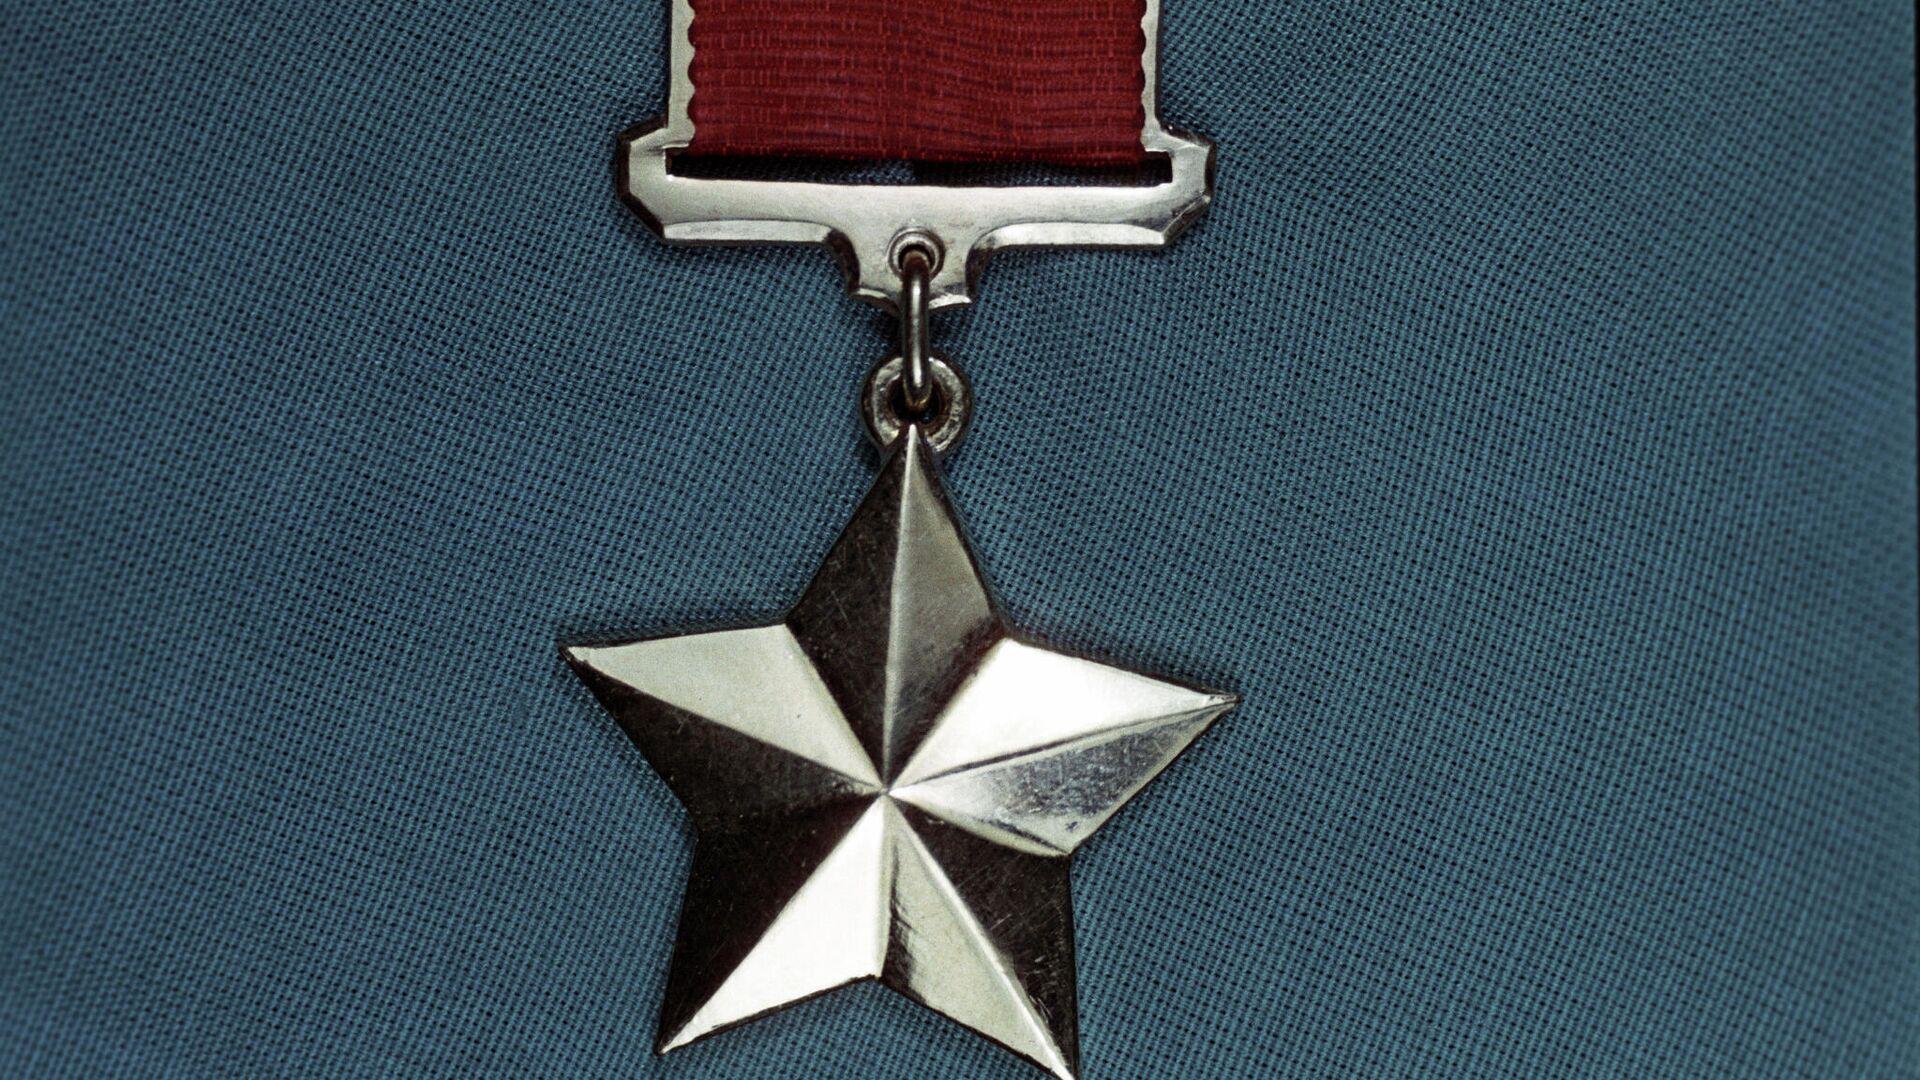 Медаль Золотая Звезда Героя Советского Союза - РИА Новости, 1920, 10.02.2021